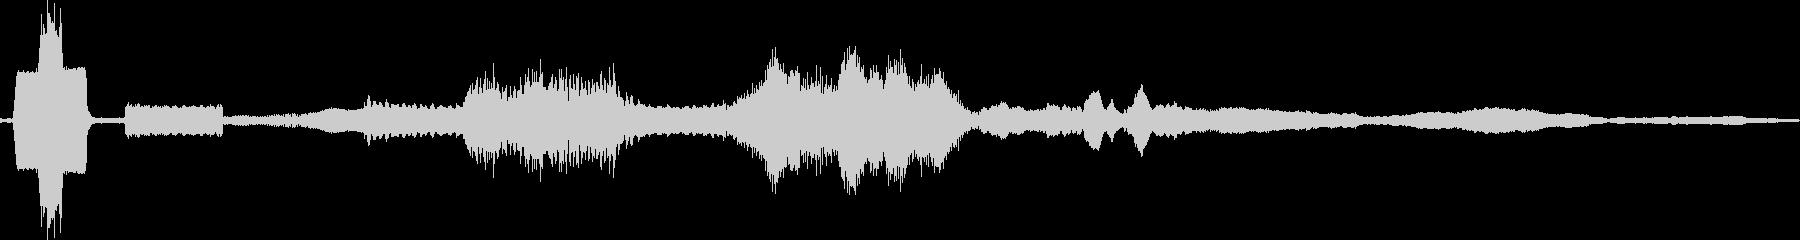 確認音付きボタン押下の未再生の波形